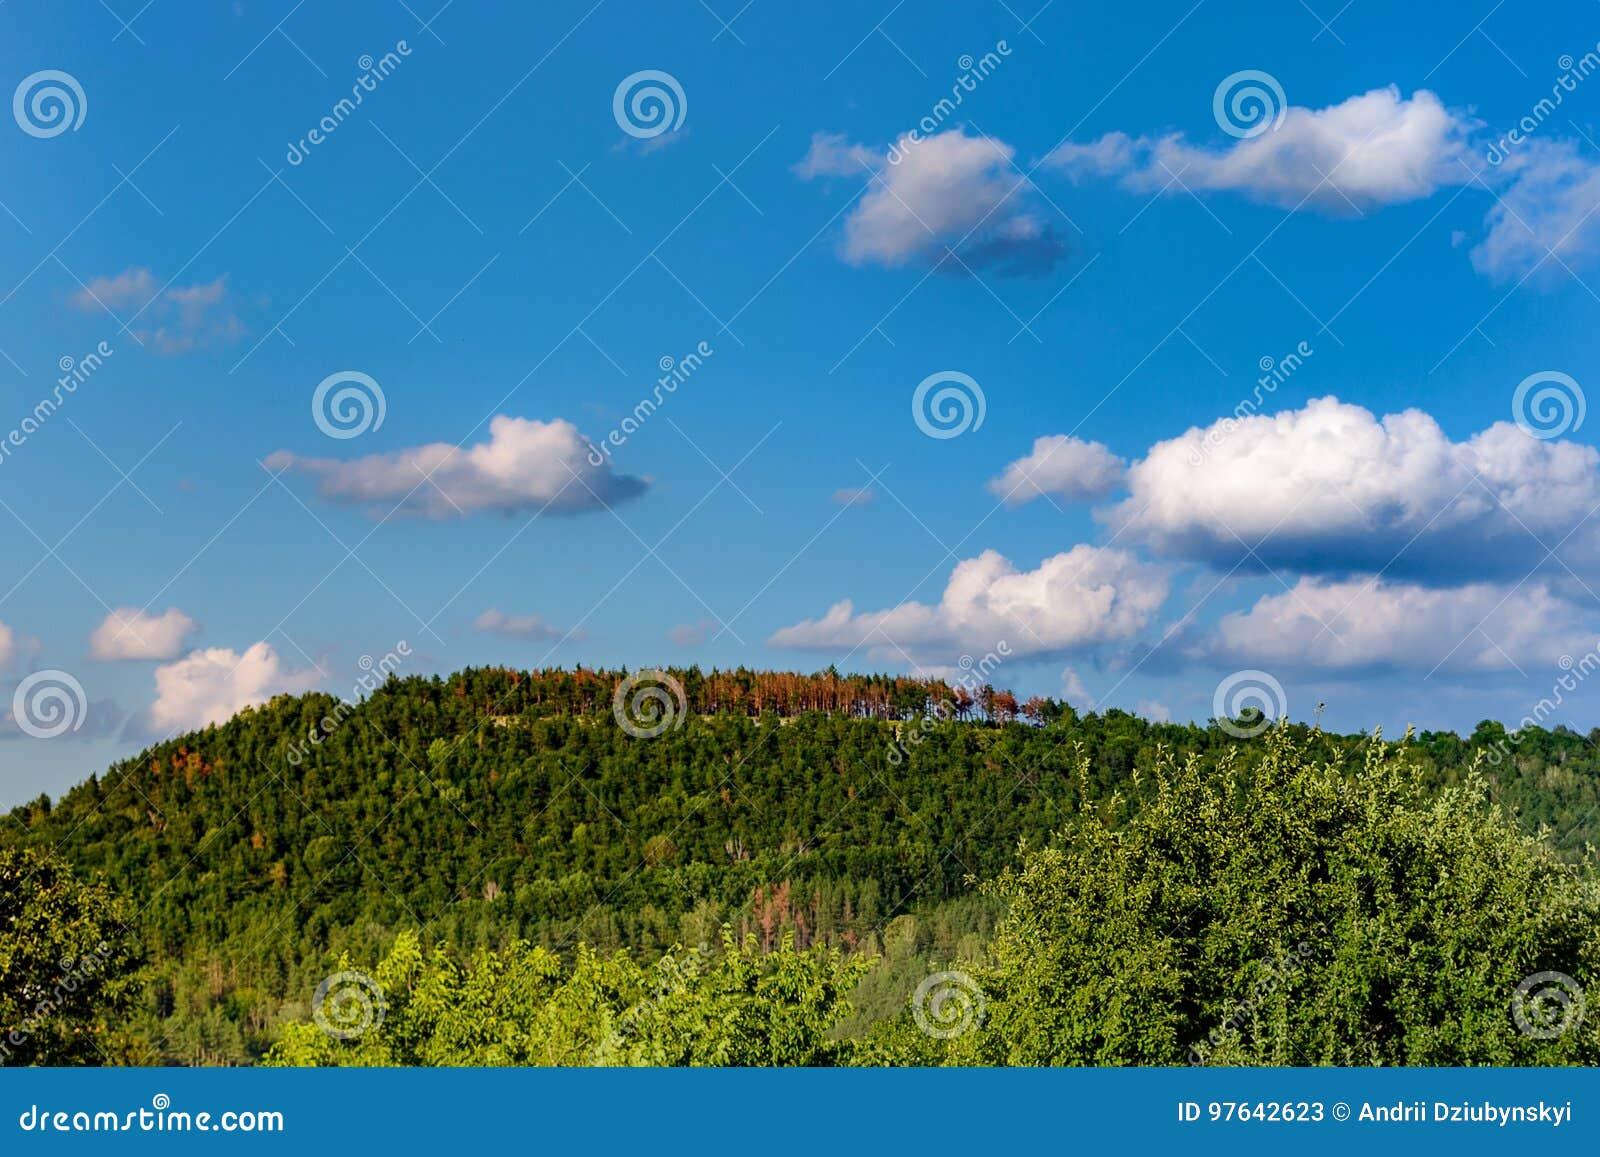 Montagne avec les arbres verts et rouges Ciel avec des nuages